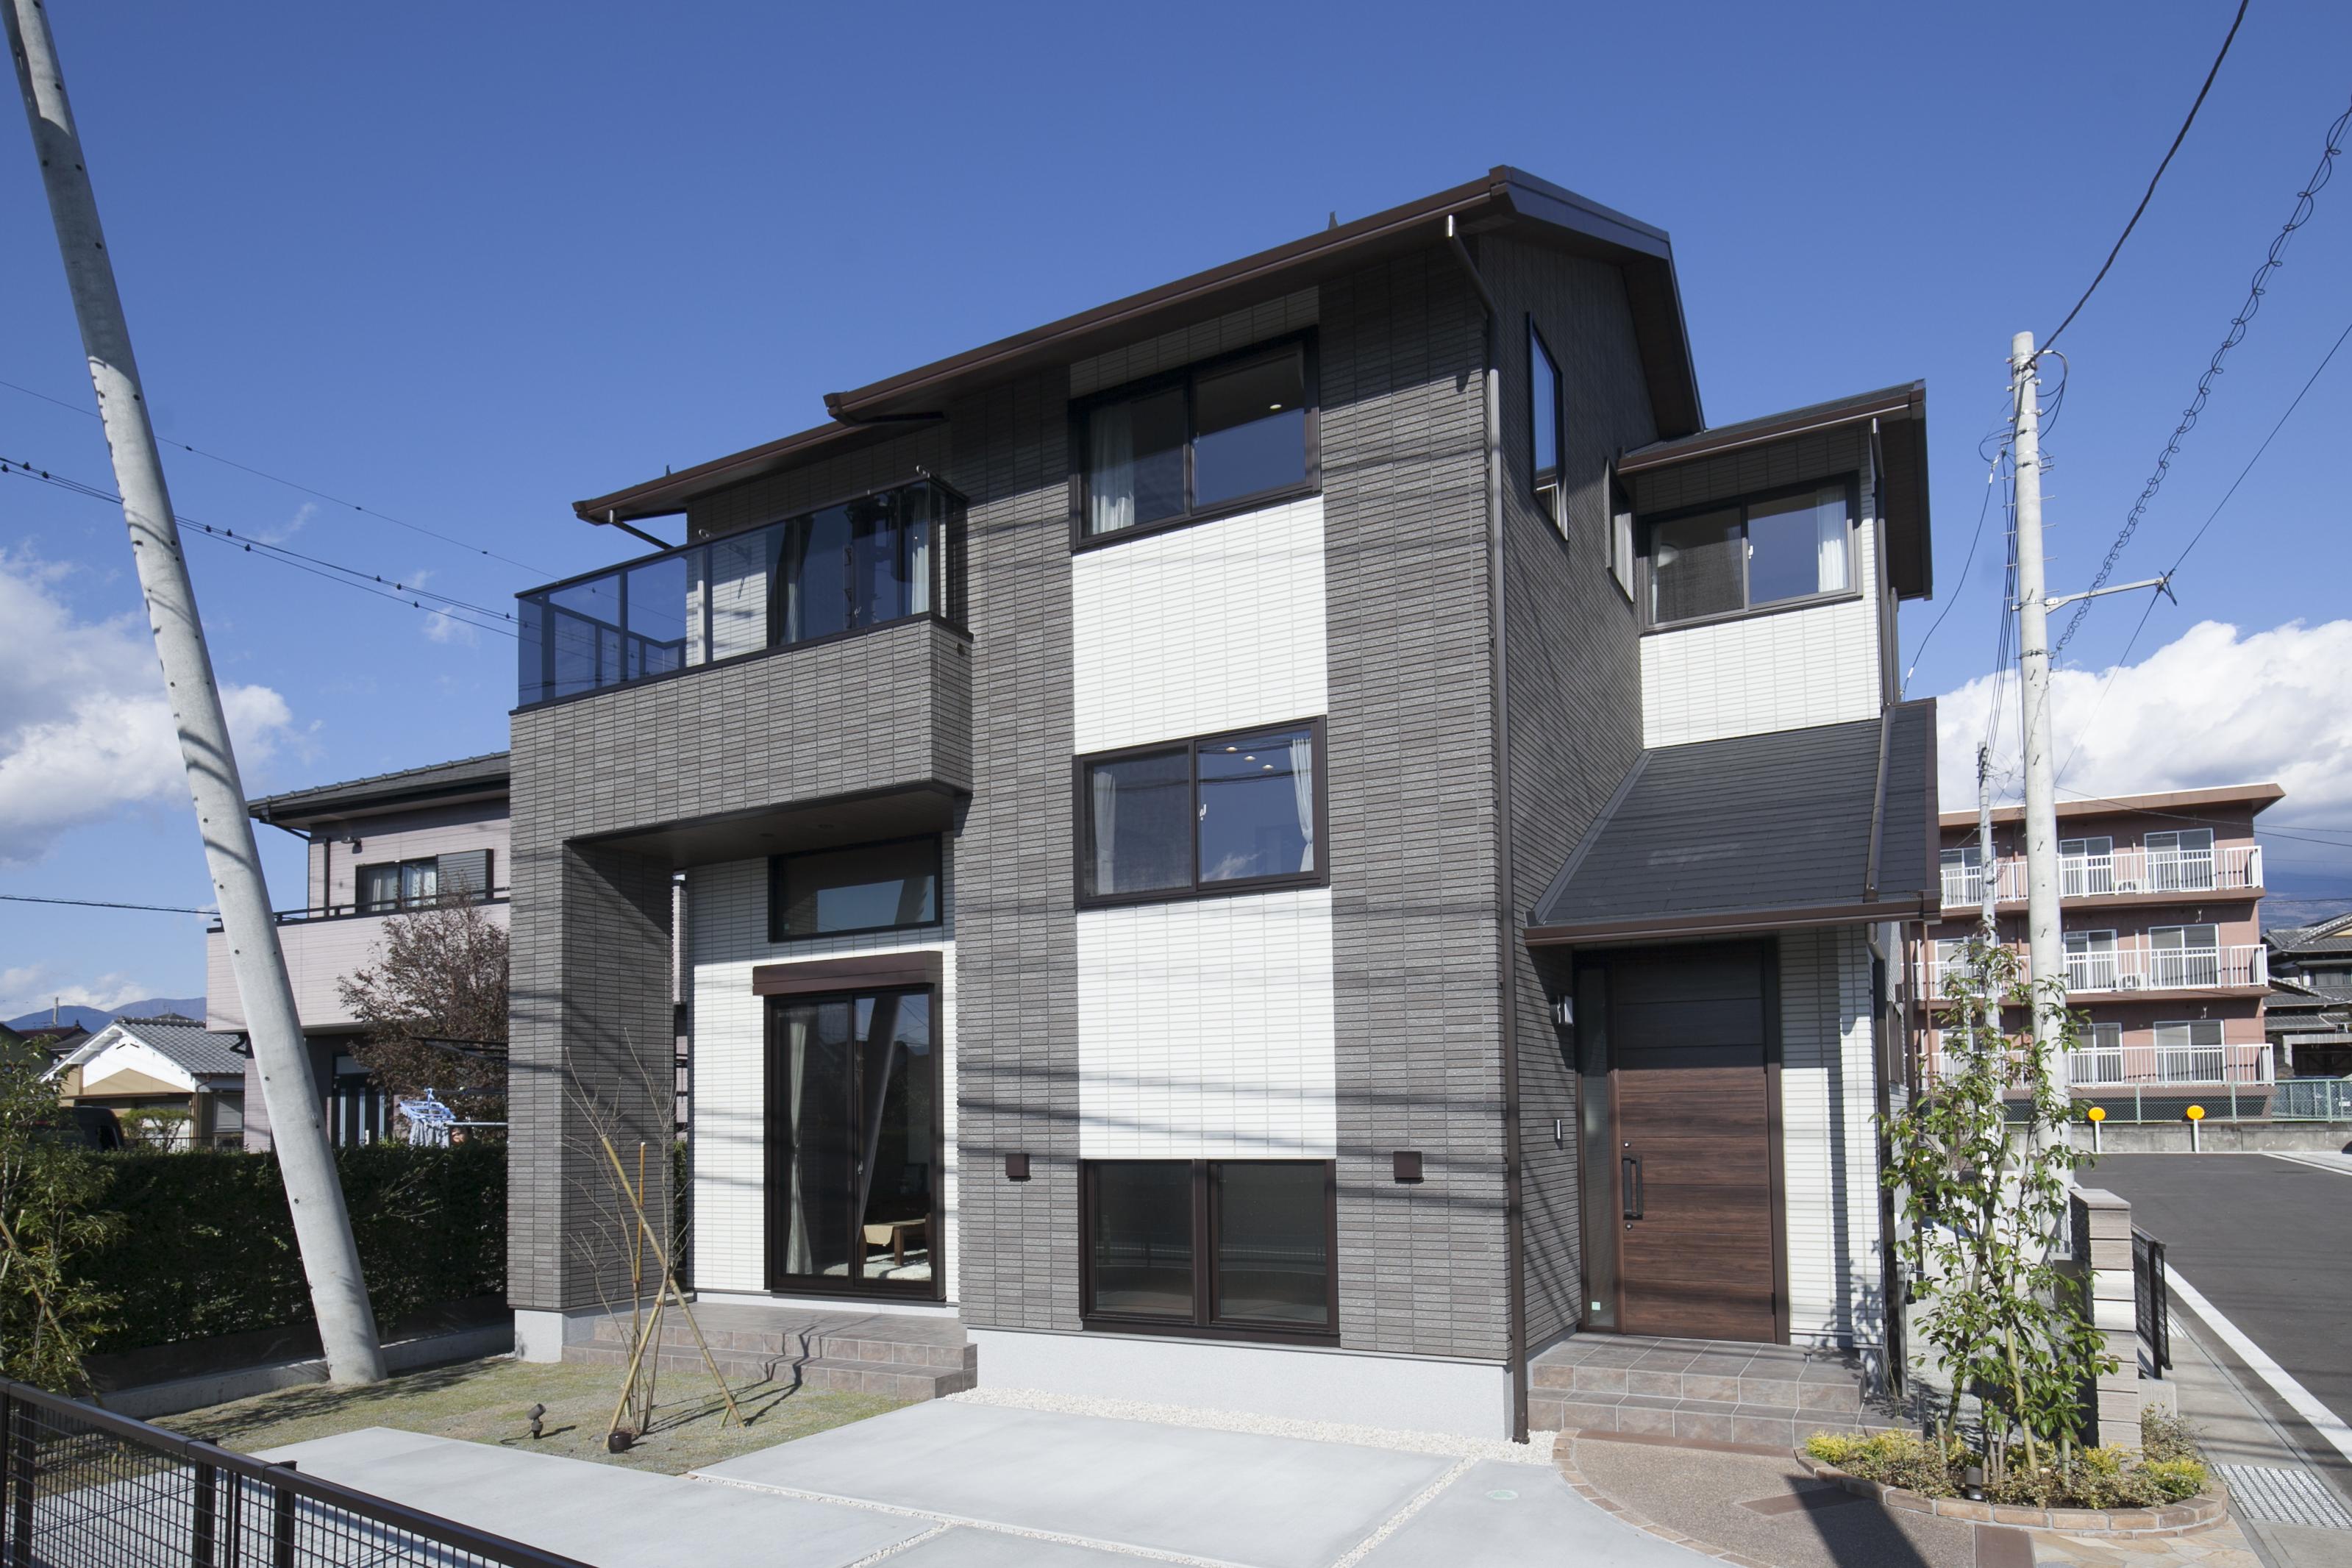 ミサワホーム静岡【デザイン住宅、収納力、スキップフロア】デザイナーによるスタイリッシュで存在感のある外観。タイル貼りが高級感を引き立てる